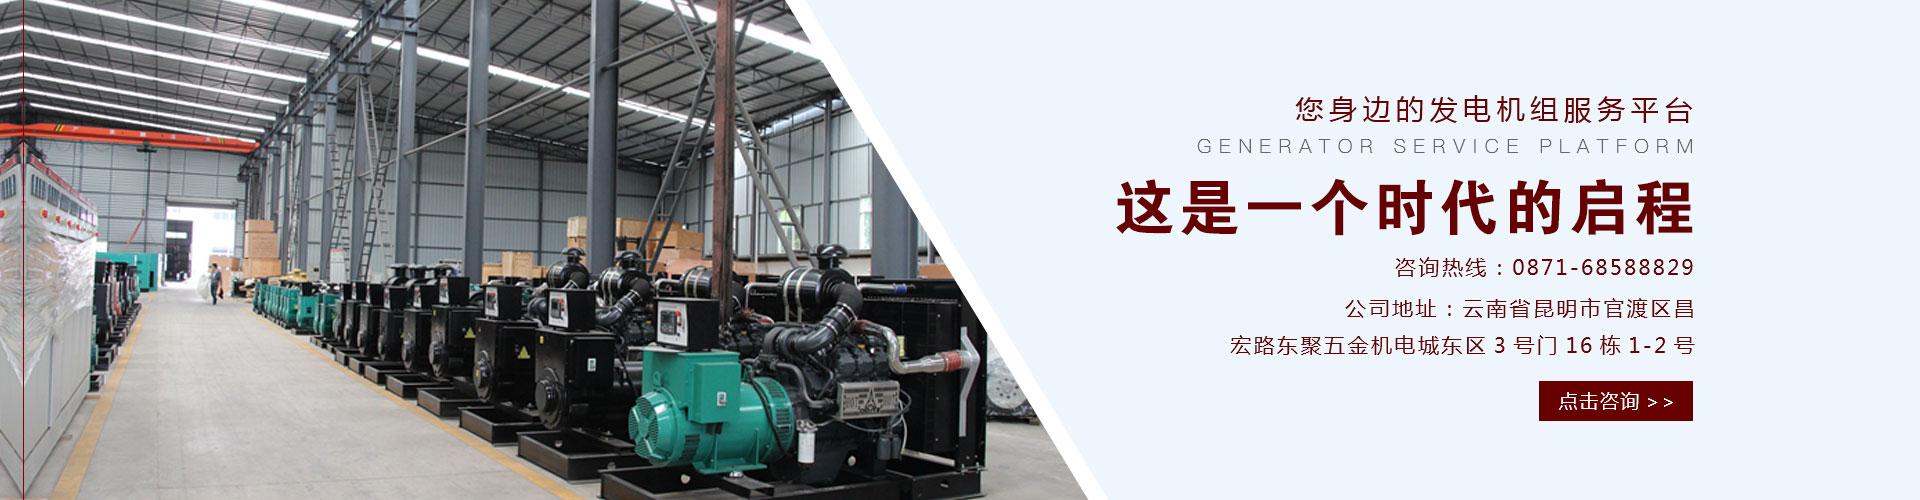 贵州移动式发电机